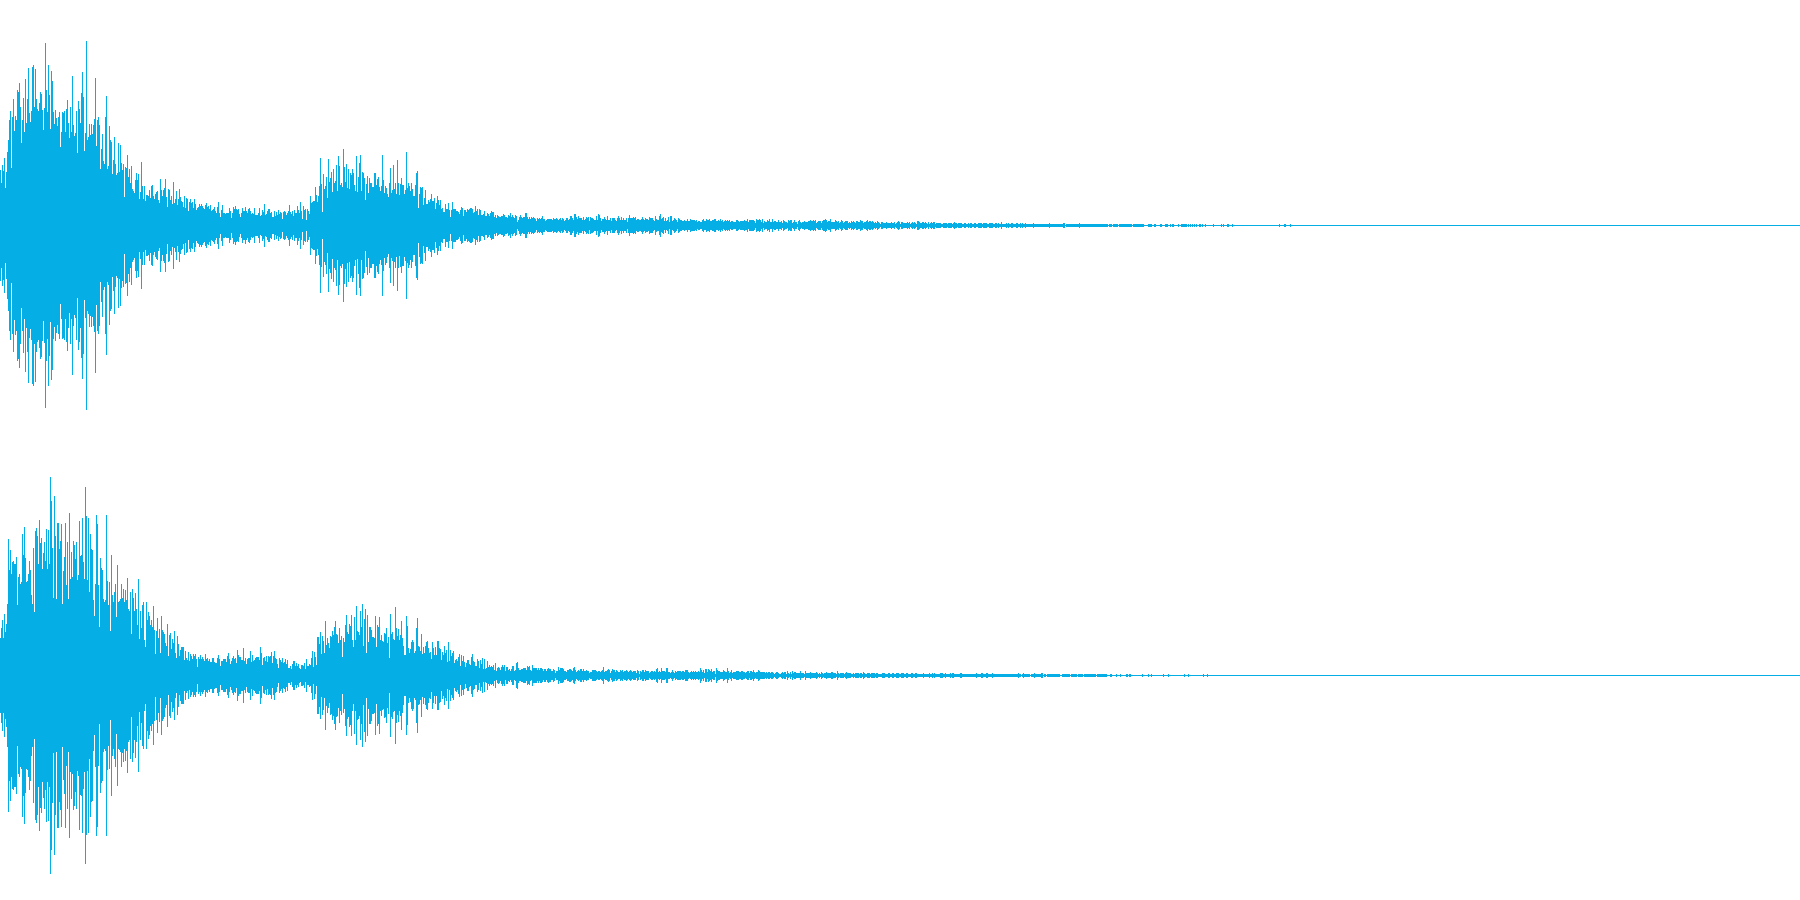 注意、警告を意味するボタン音やテロップ1の再生済みの波形